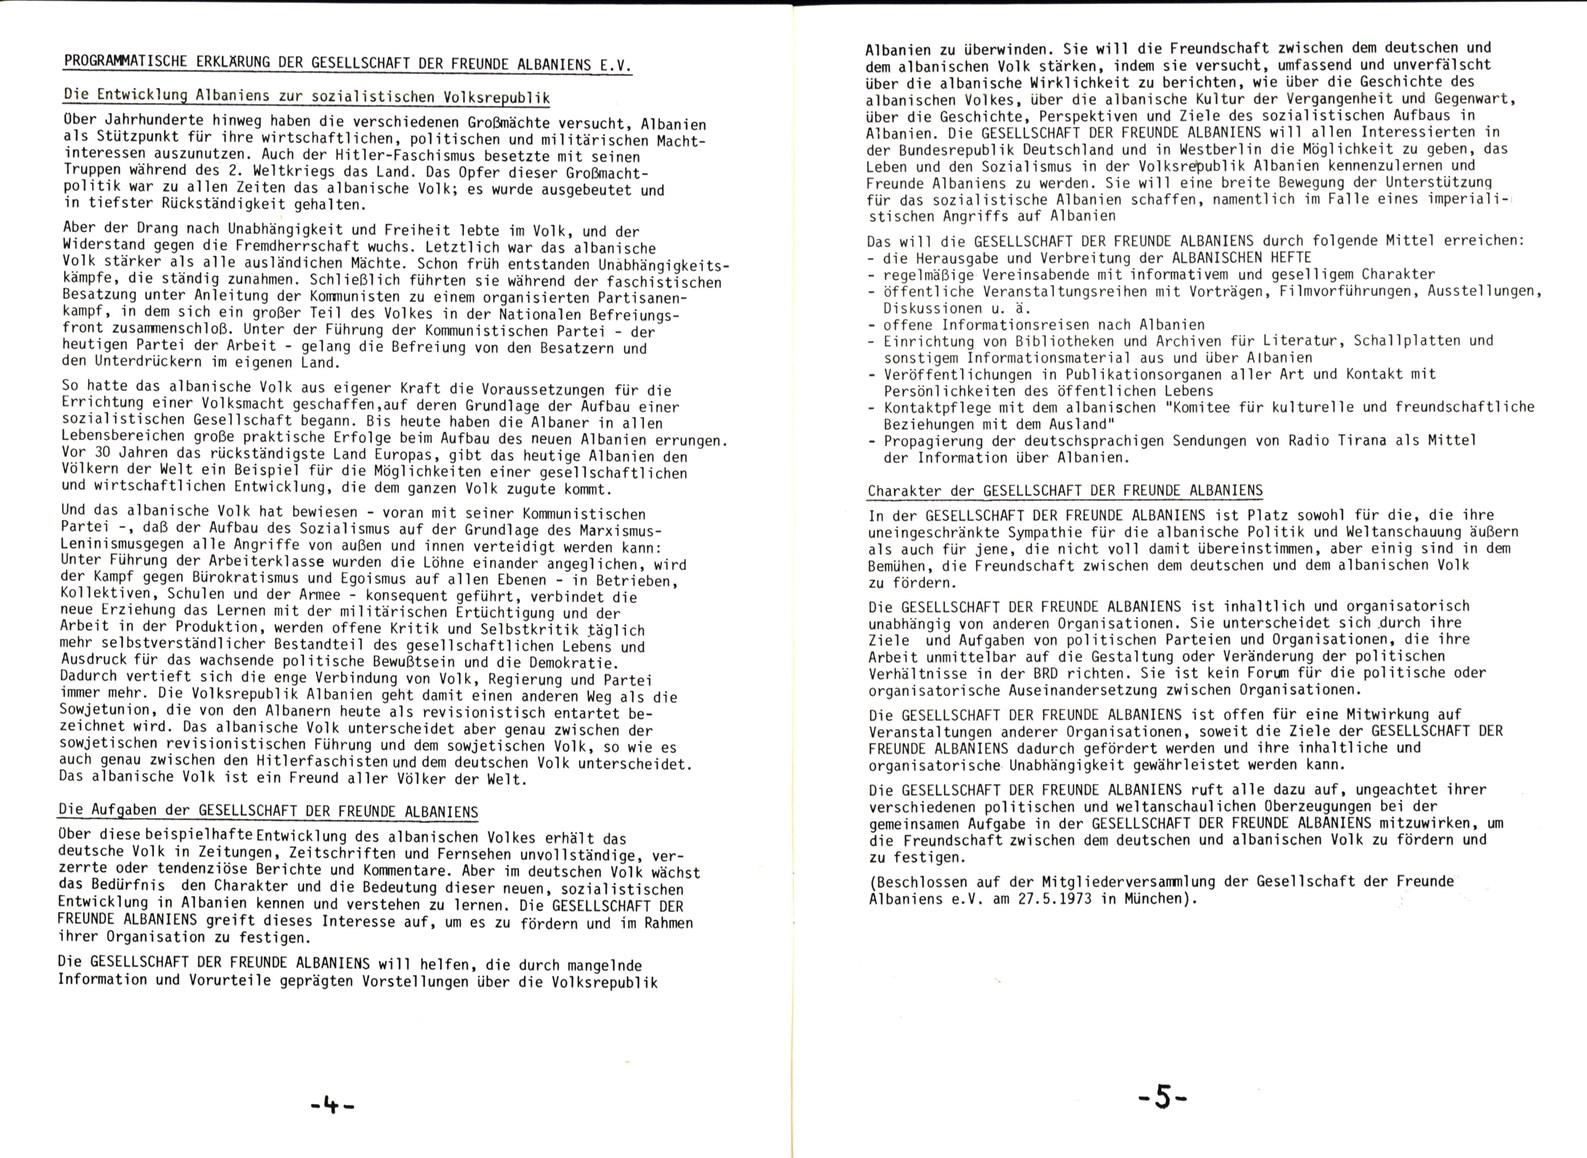 GFA_Albanische_Hefte_1973_02_04